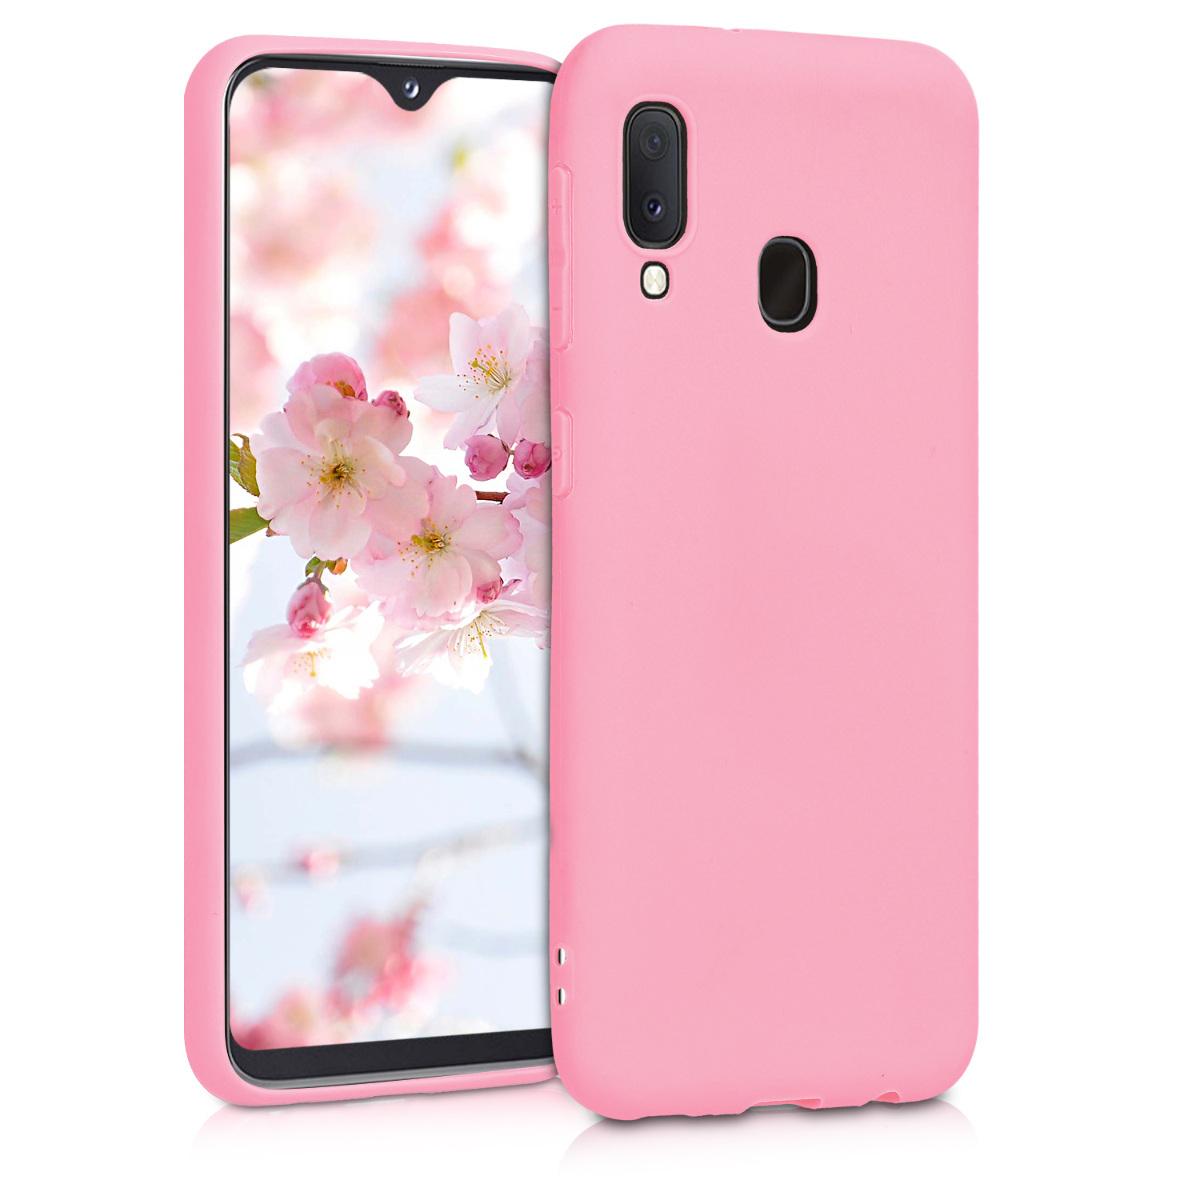 KW Θήκη Σιλικόνης Samsung Galaxy A20e - Light Pink Matte (48738.123)